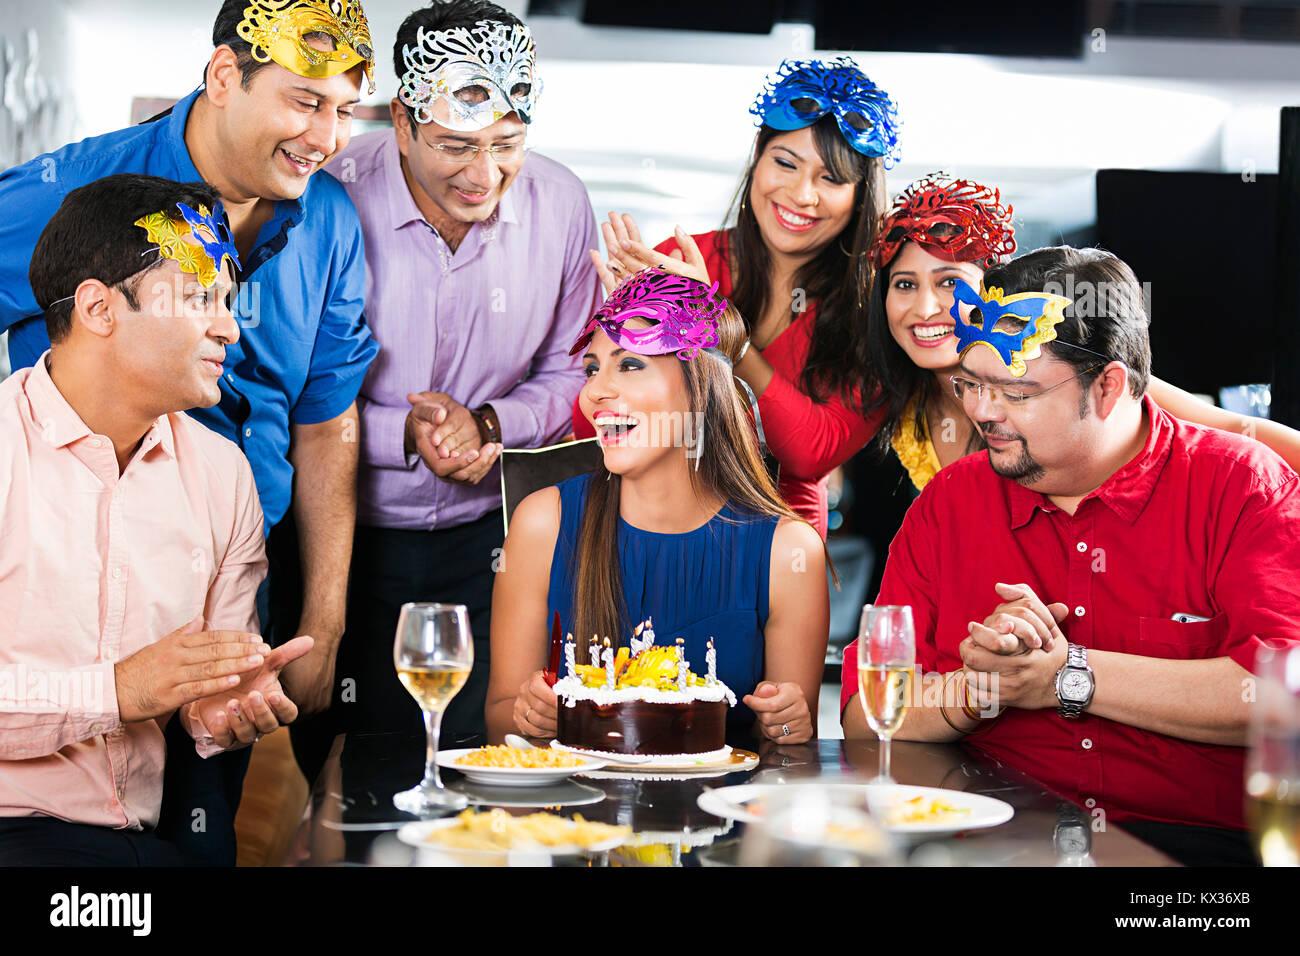 Festa Compleanno 40 Anni Uomo gruppo adulti uomini e donne festa di compleanno, il